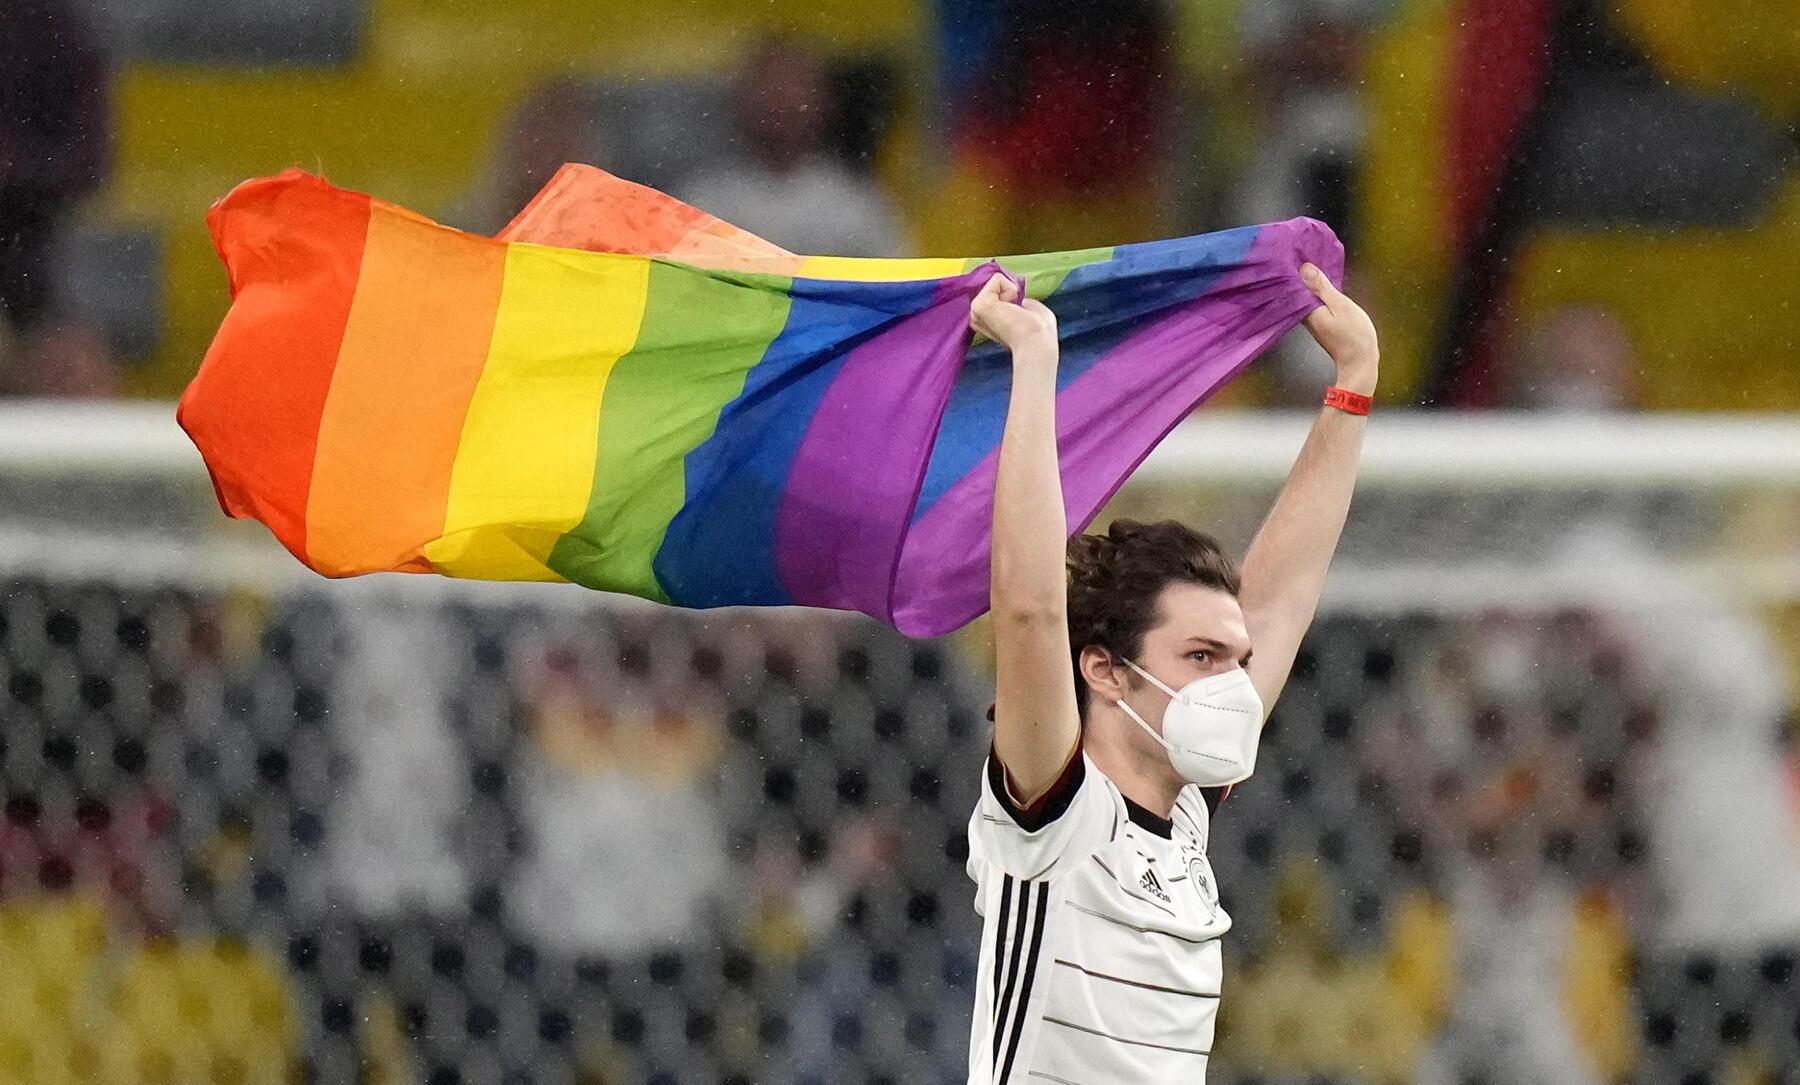 Invasione di campo durante Germania Ungheria: attivista LGBT sventola una bandiera arcobaleno